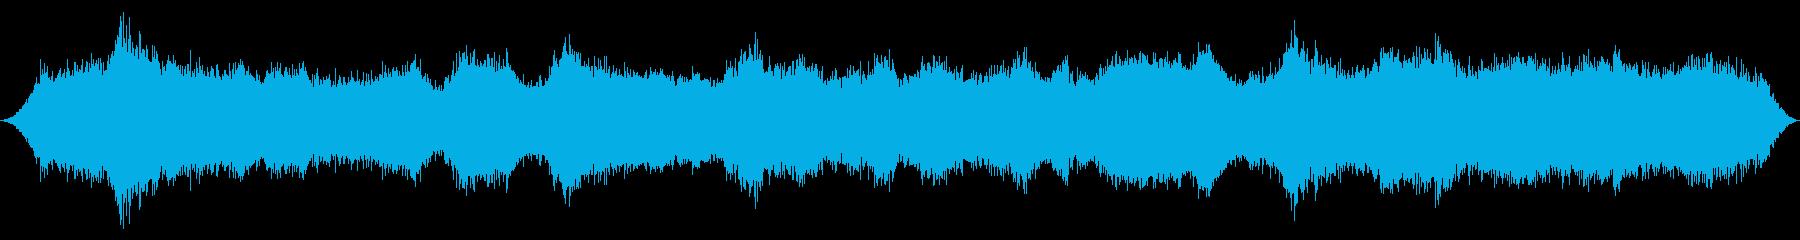 背の高い山の松を介して重い突風の再生済みの波形